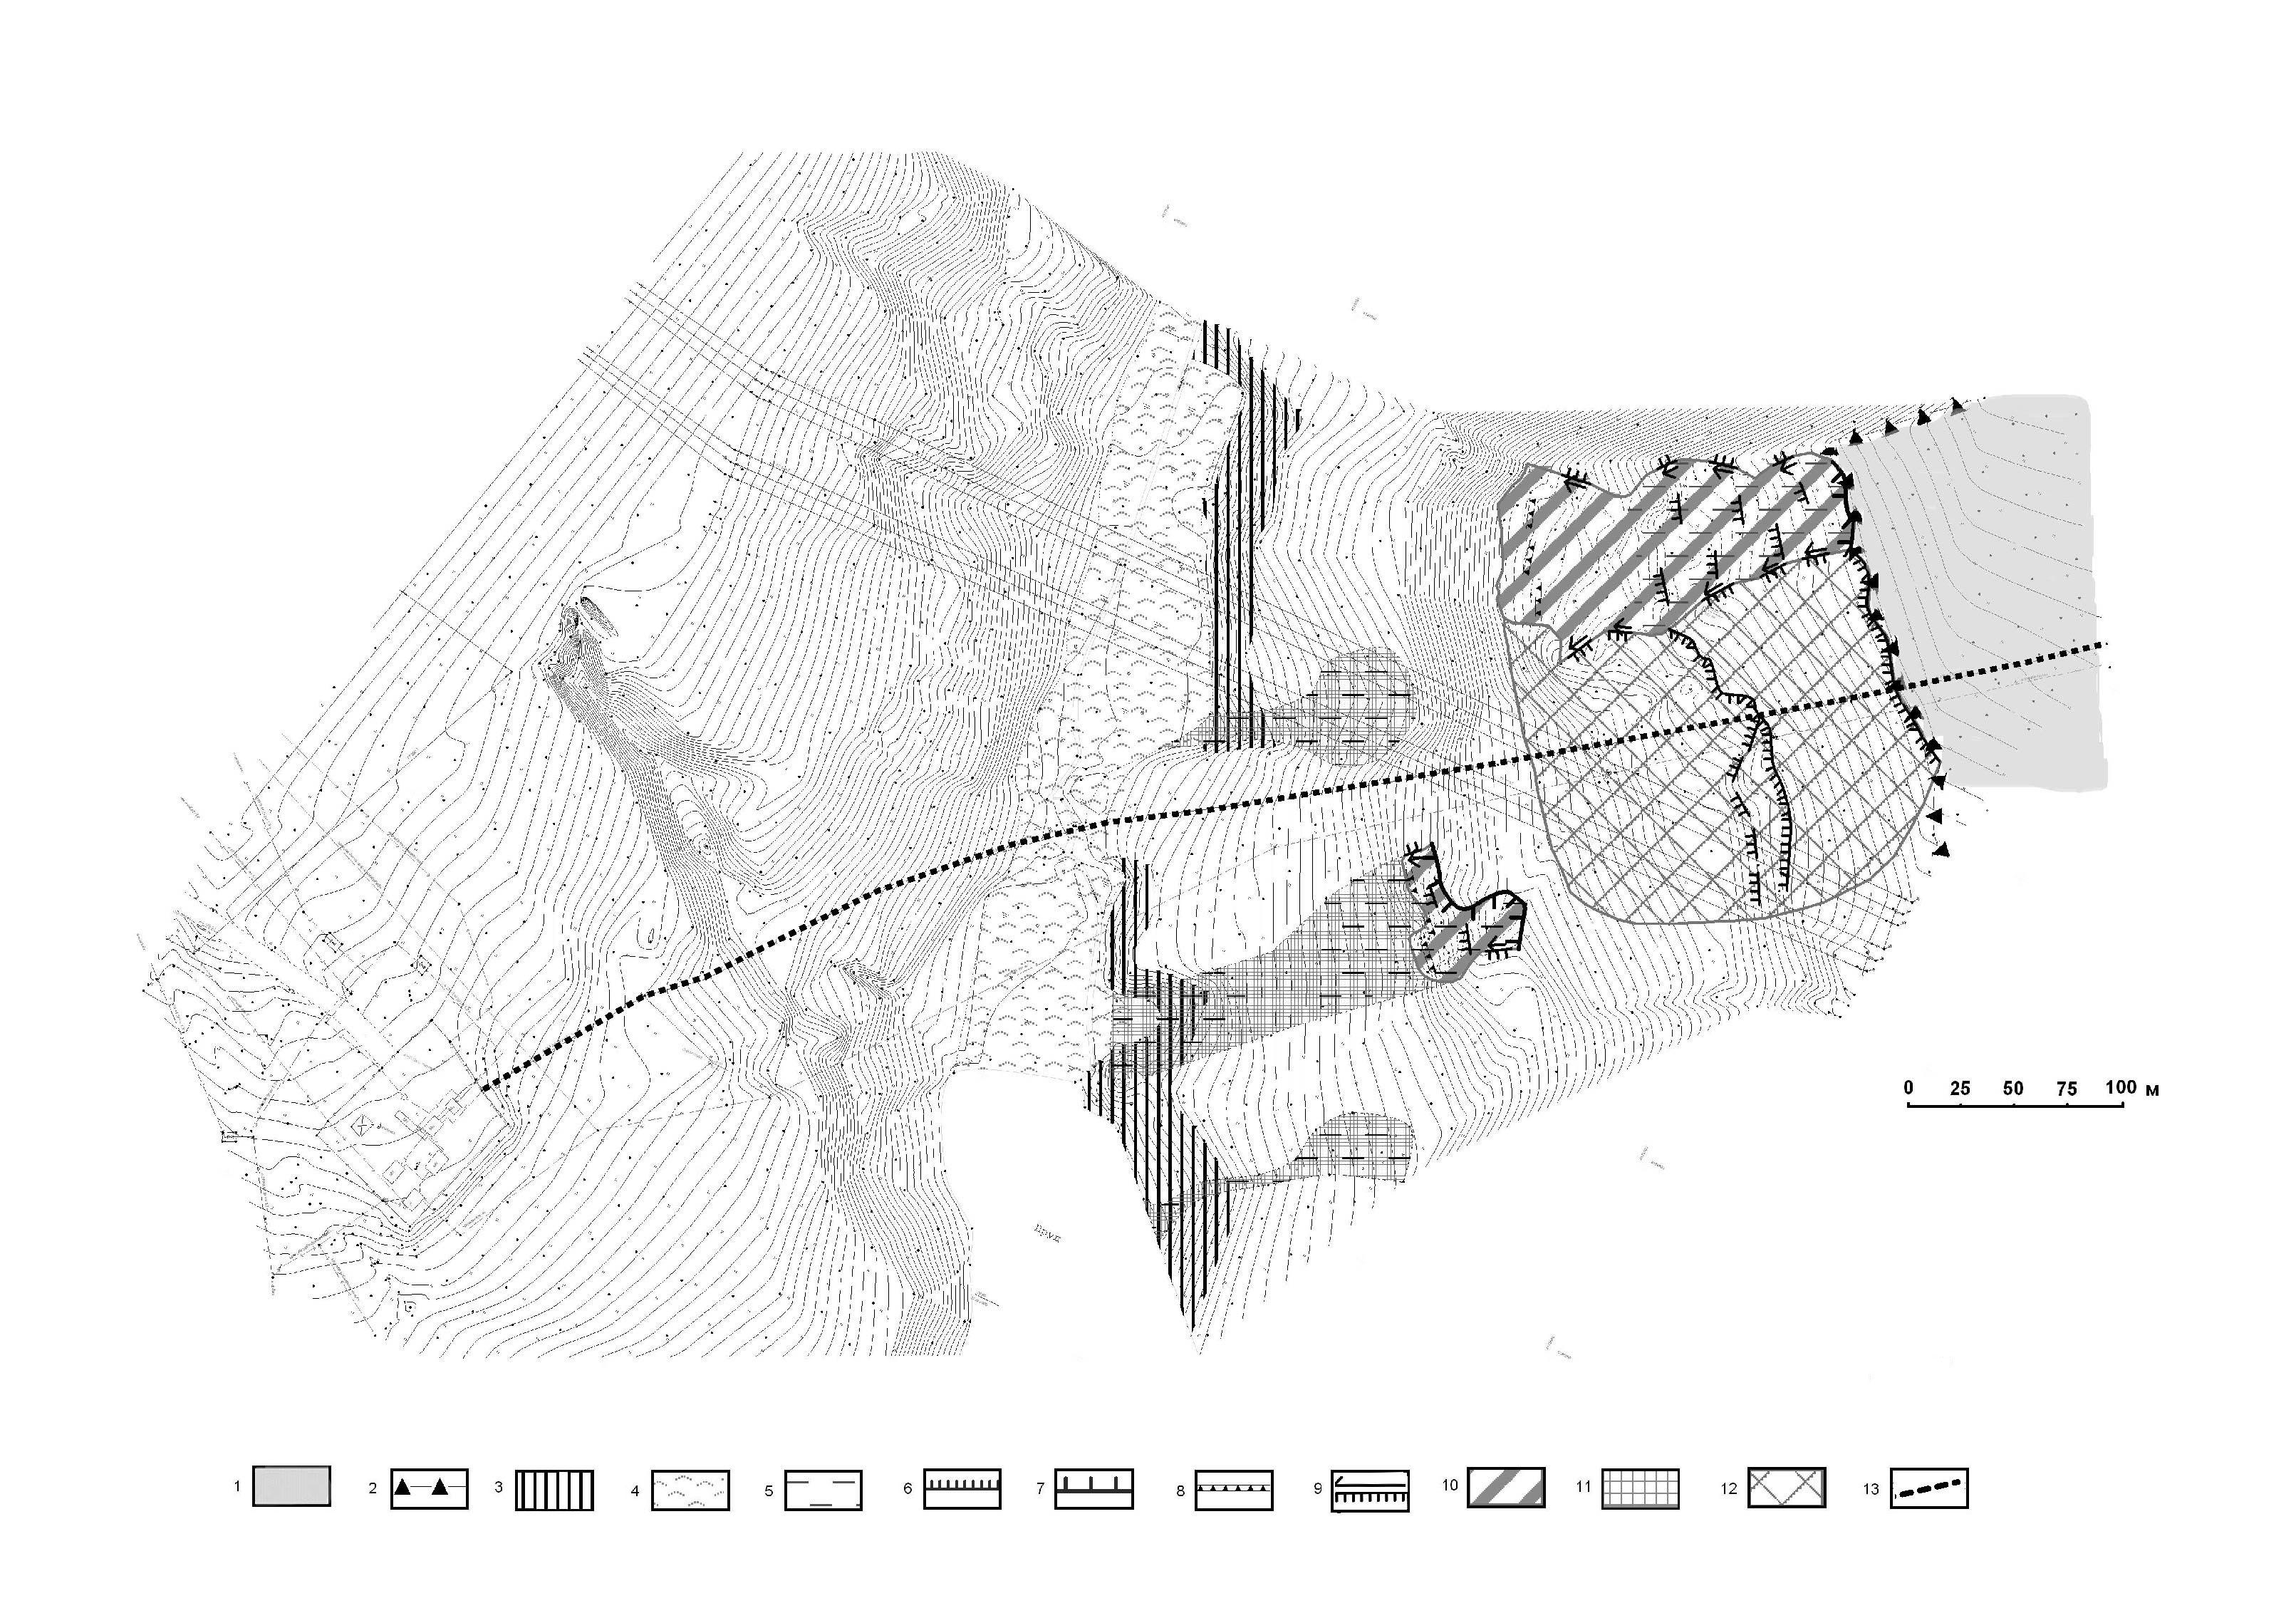 Схематическая карта развития оползневых деформаций на объекте Чиганары